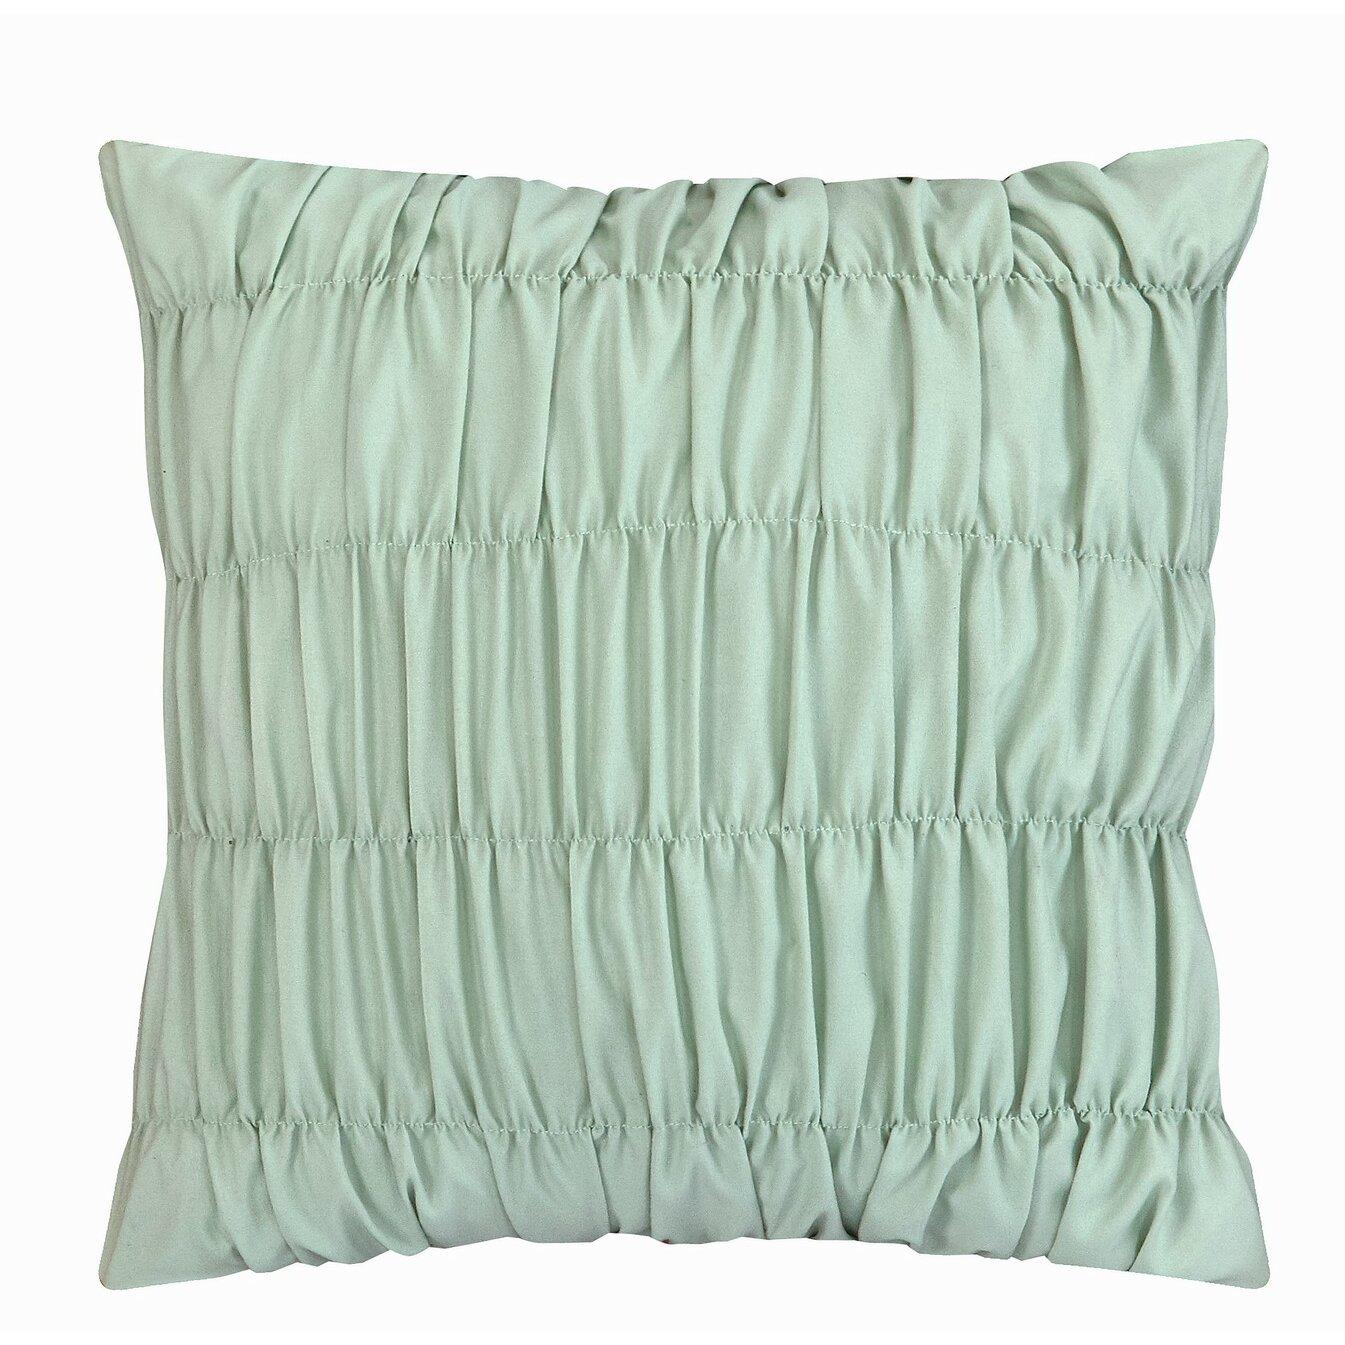 Wayfair Green Throw Pillows : Chic Home Elle Reversible Comforter Set & Reviews Wayfair